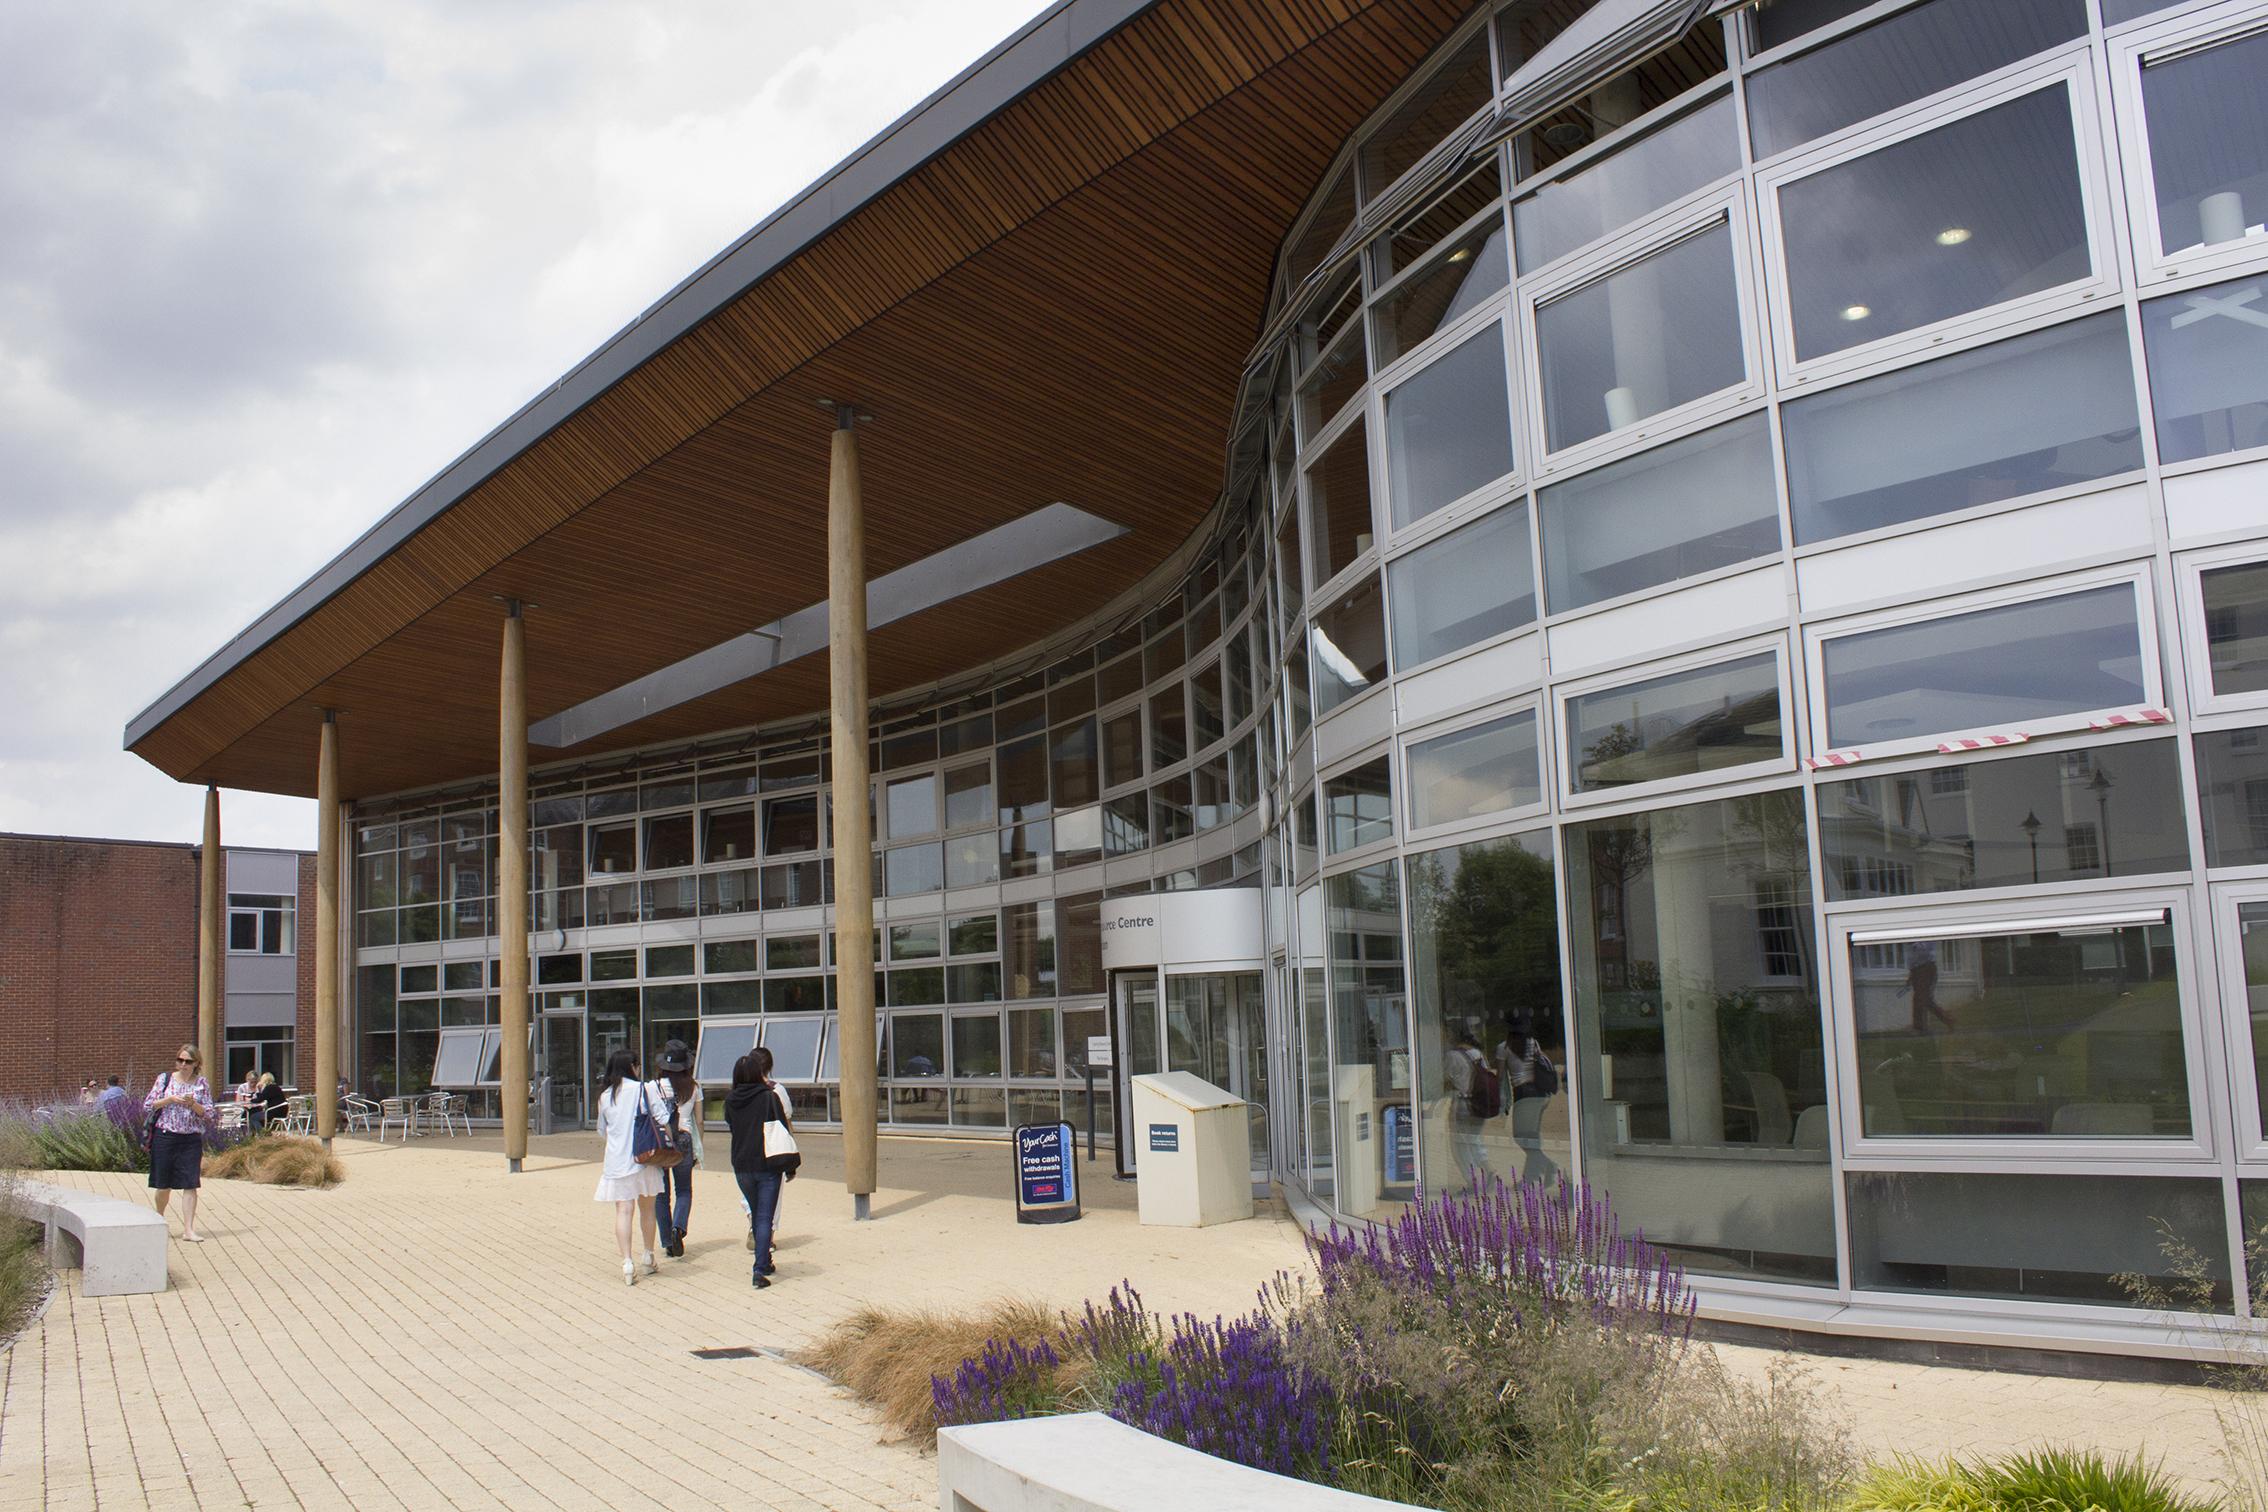 Chichester University Bognor Regis campus